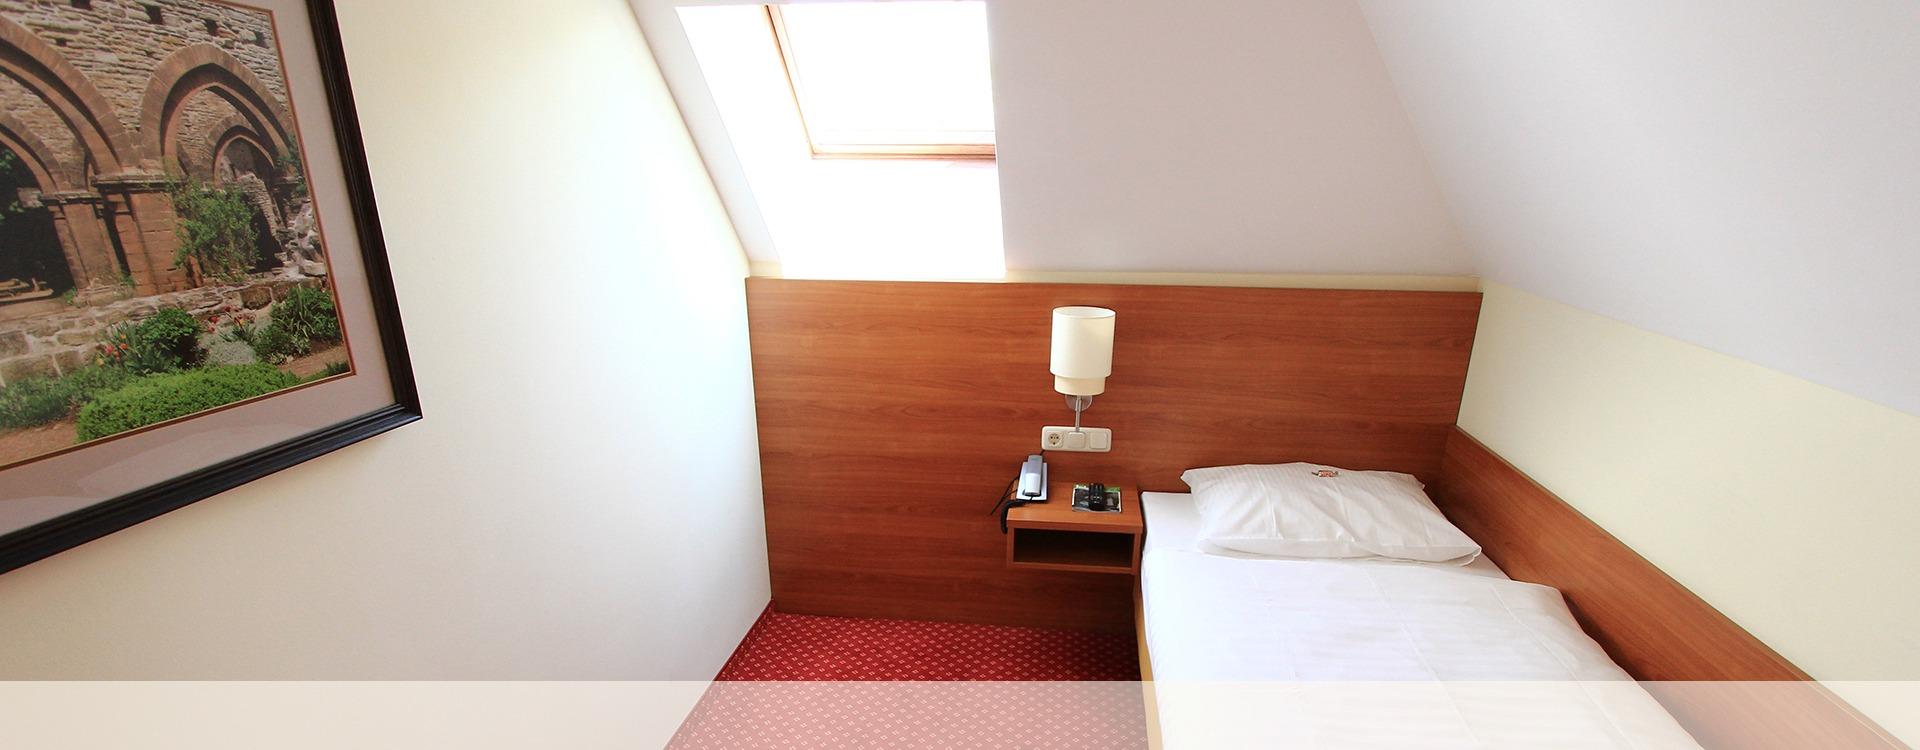 Hotel Eichenau Einzelzimmer